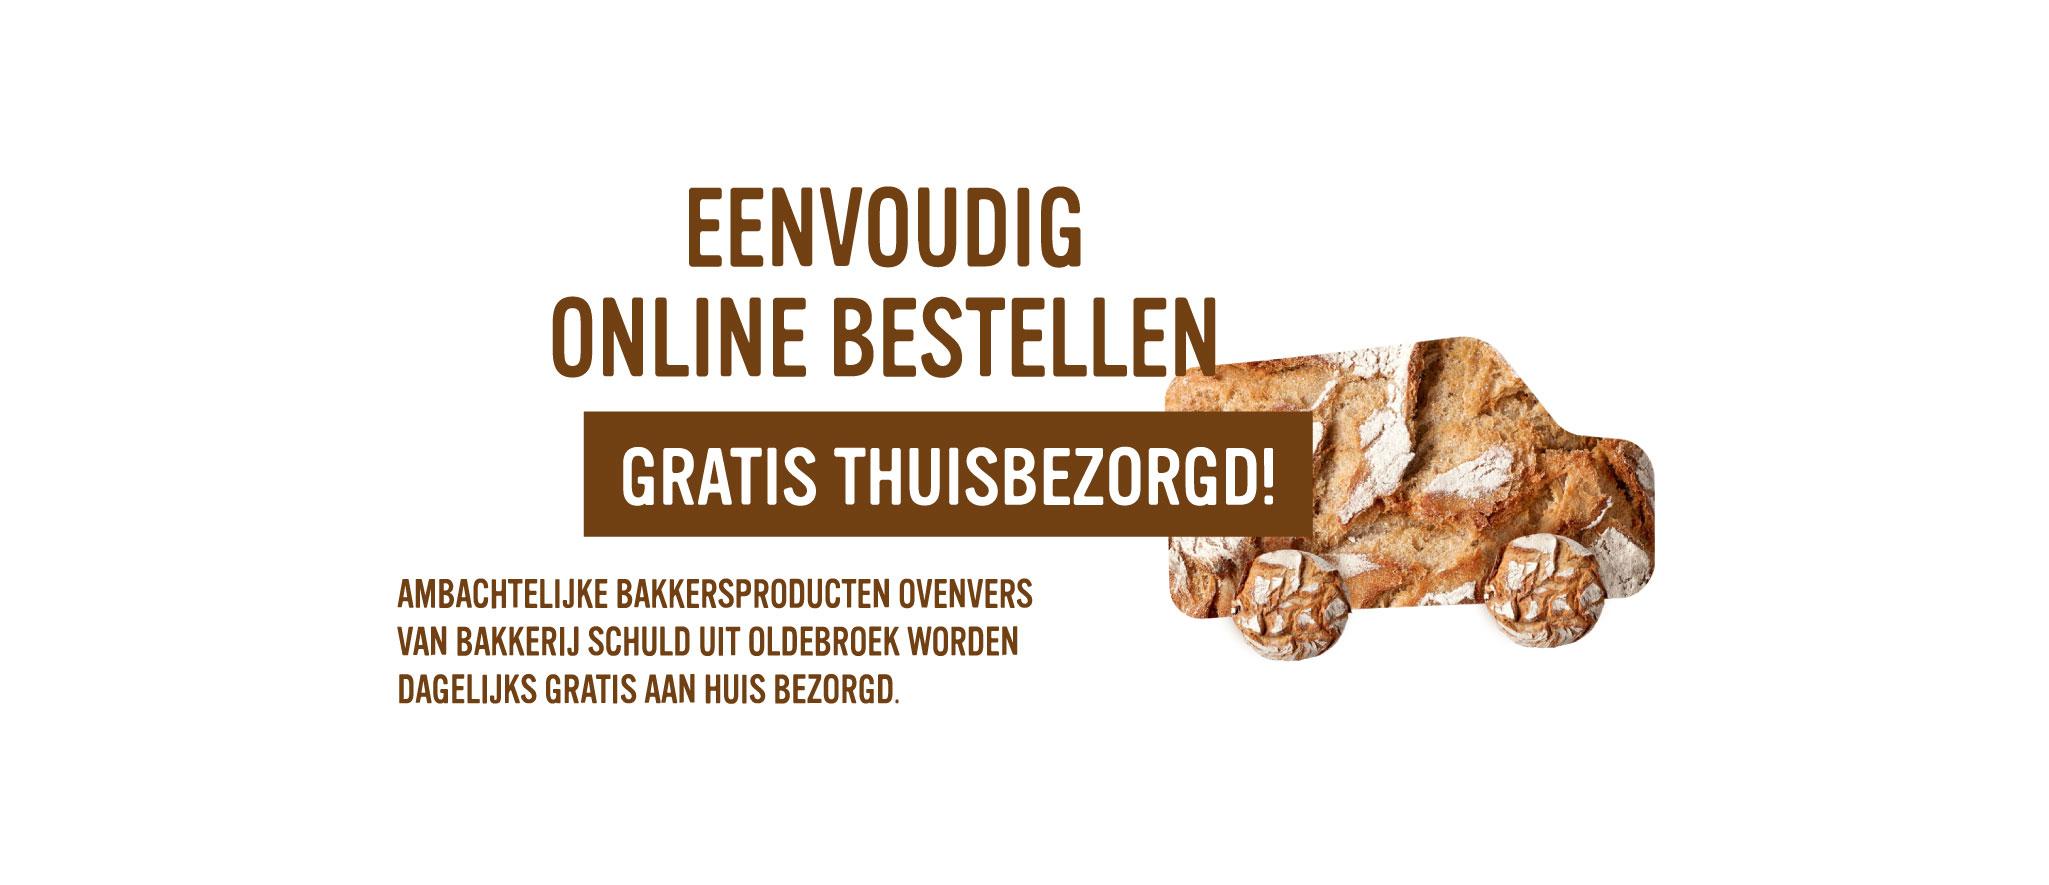 Eenvoudig online bestellen